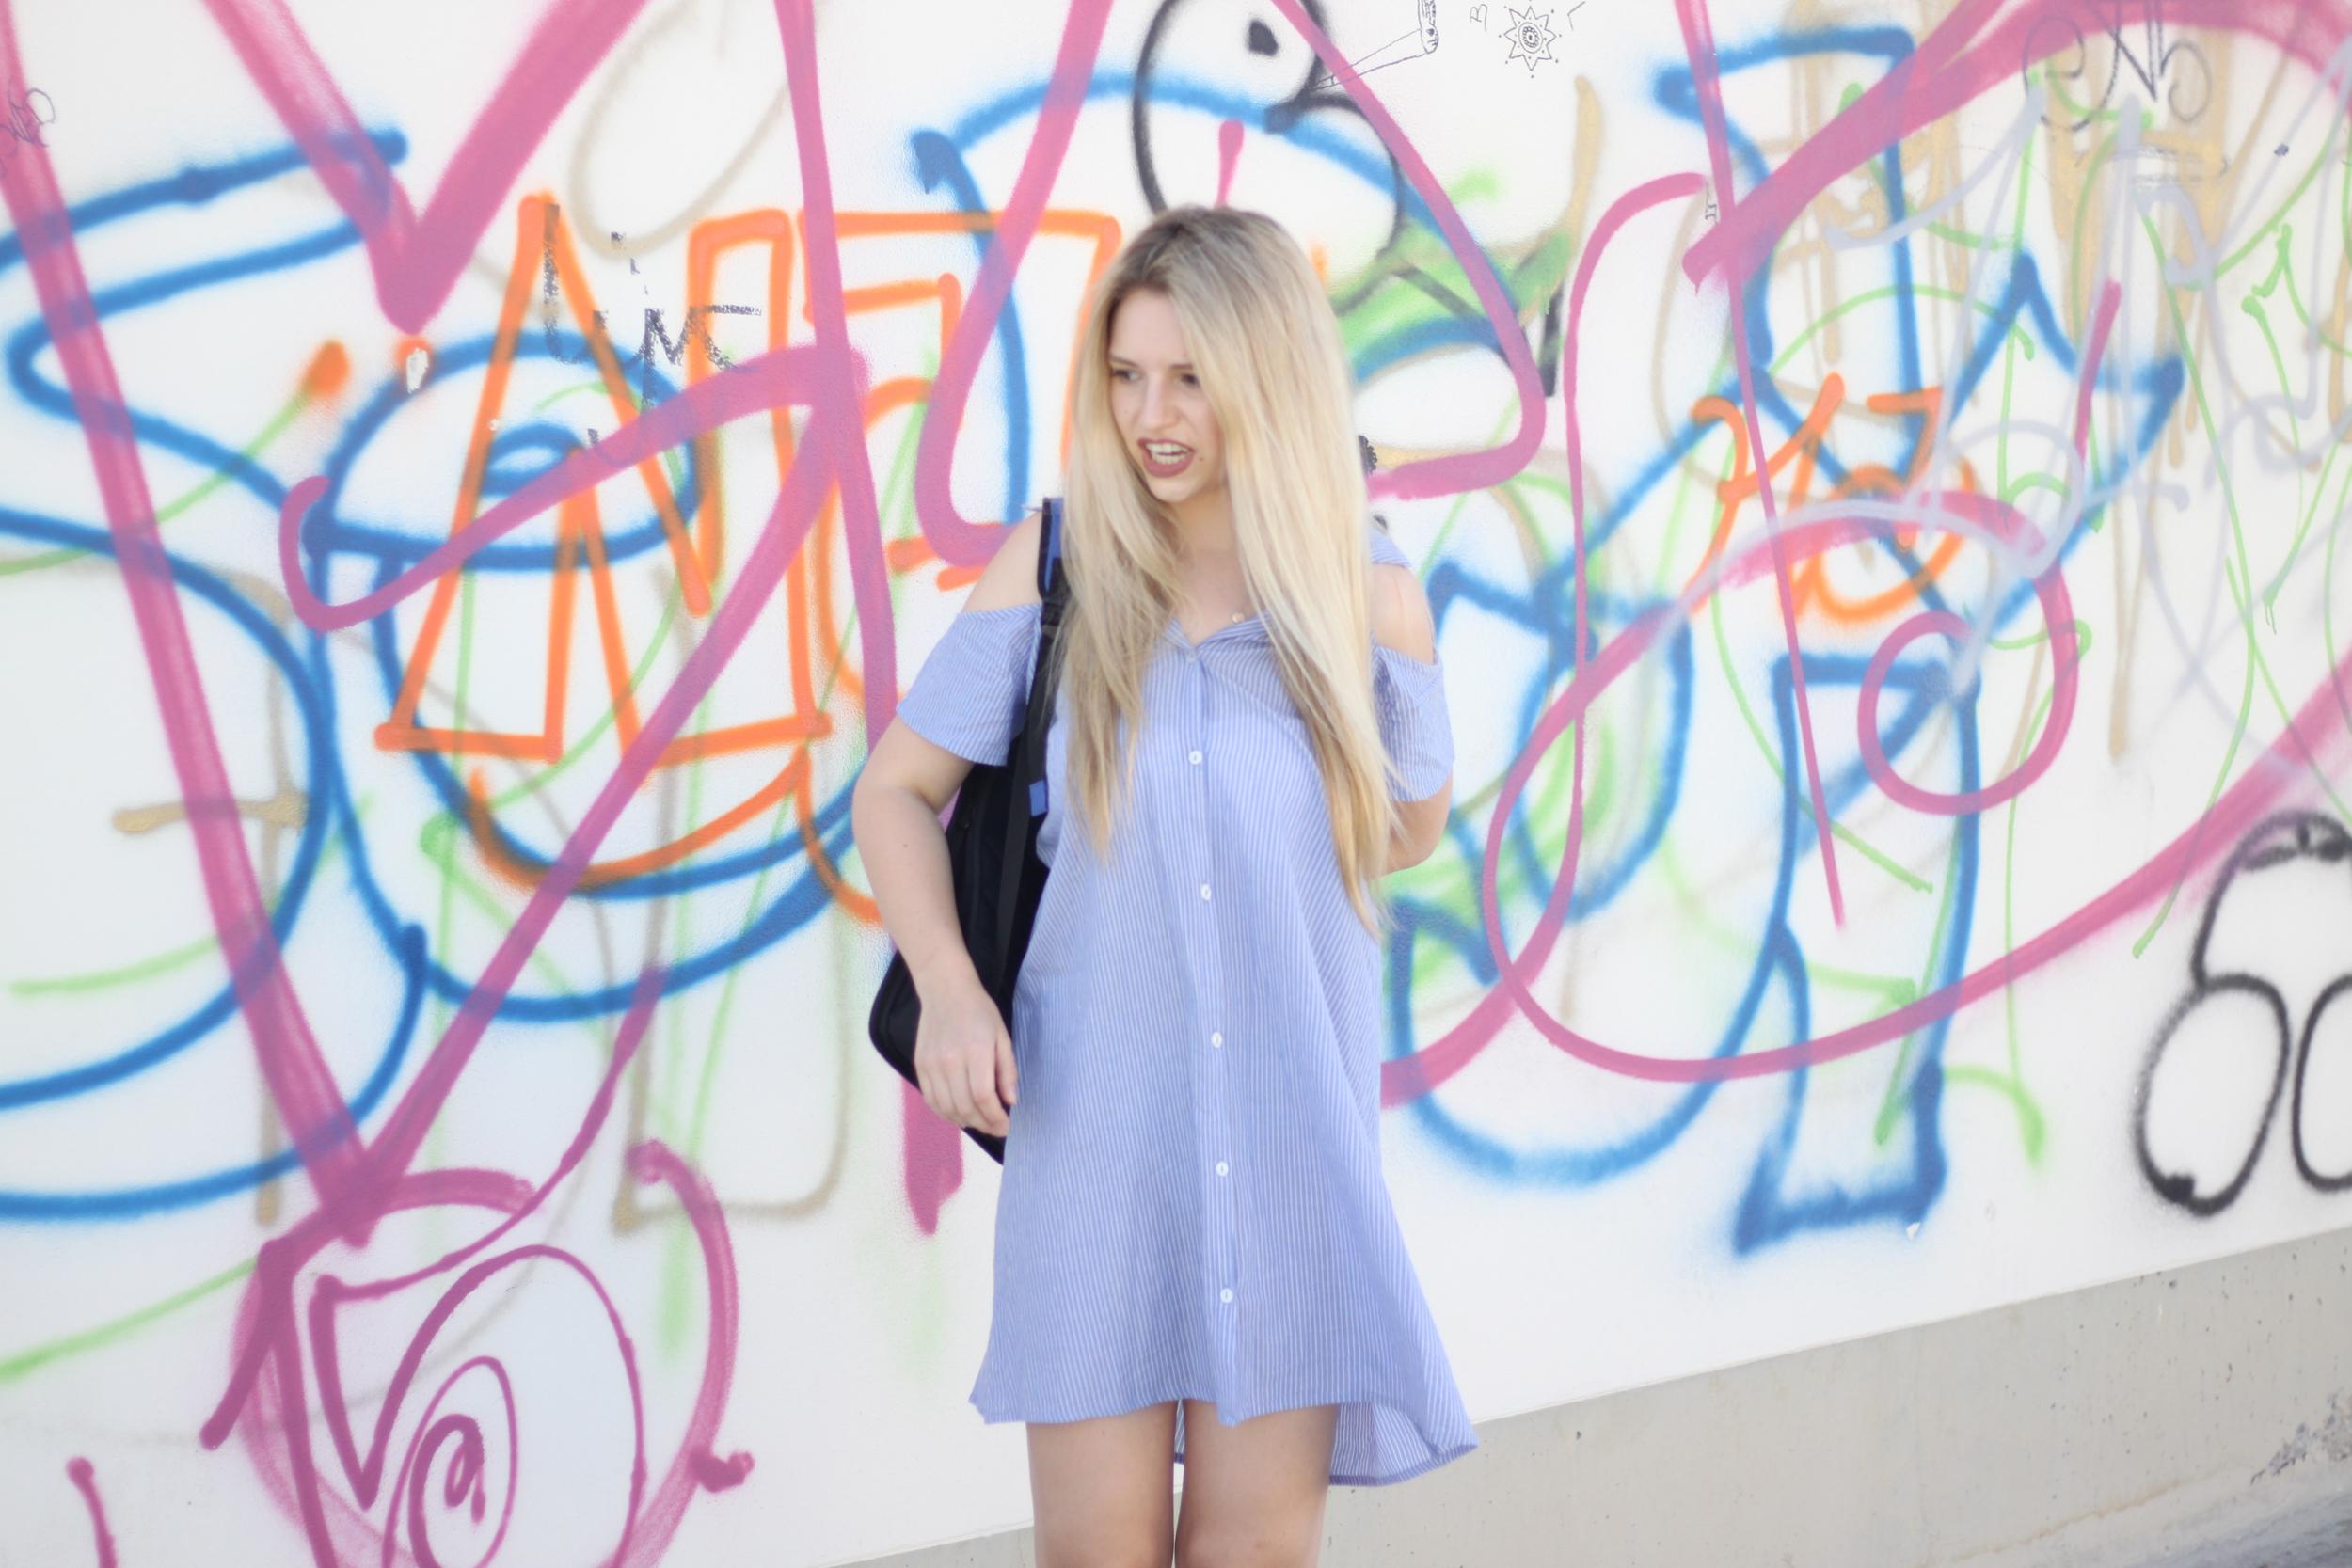 franziska-elea-blogger-aus-muenchen-fashionblog-mode-blog-streetstyle-dummes-gesicht-fratze-ich-blamiere-mich-outtakes-peinliche-fotos-von-modeblogger